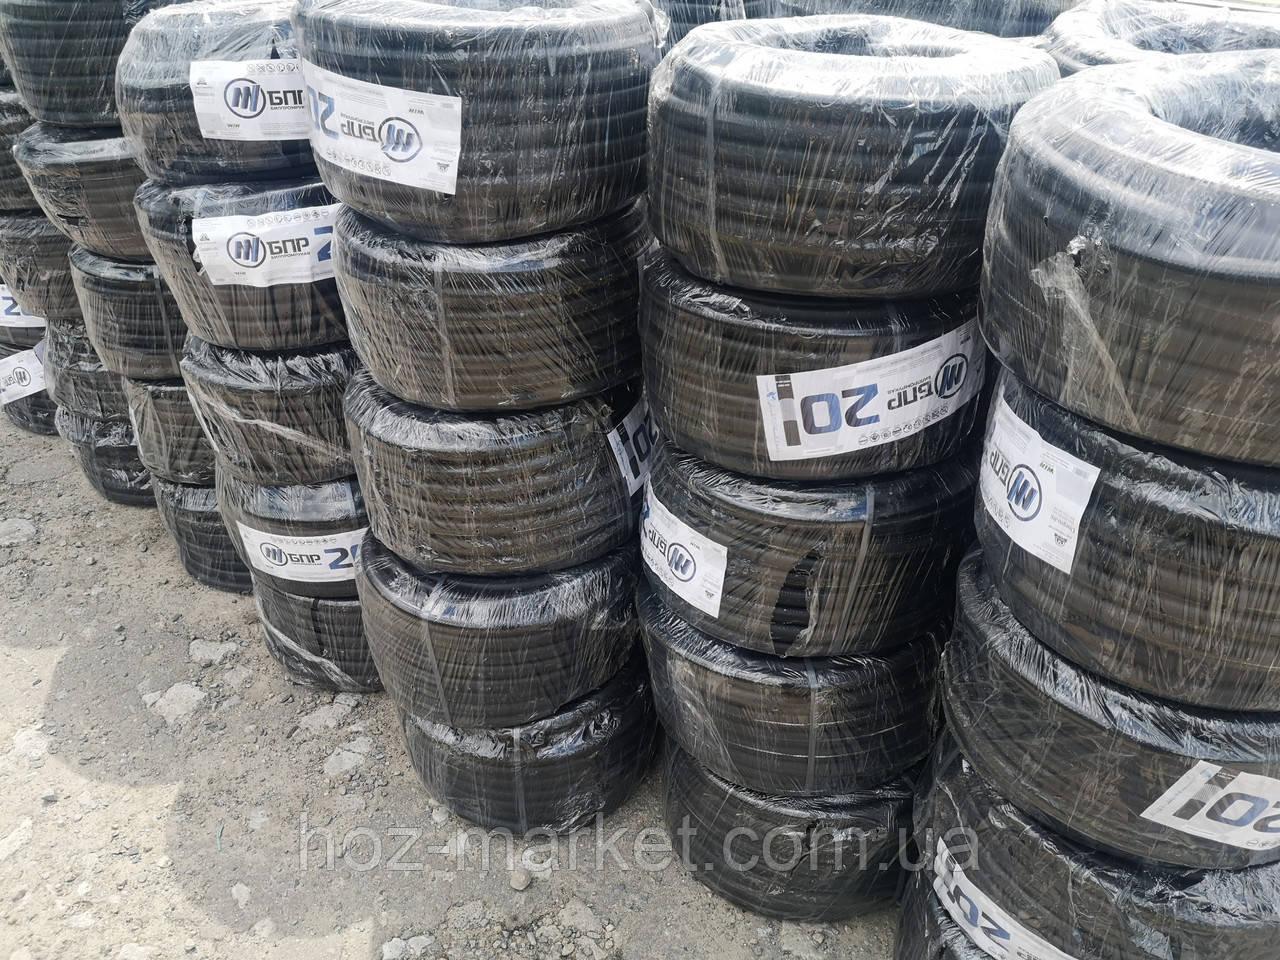 Шланги гумові для поливу саду городу 14мм, 16мм, 18мм, 20мм, 25мм, 32мм